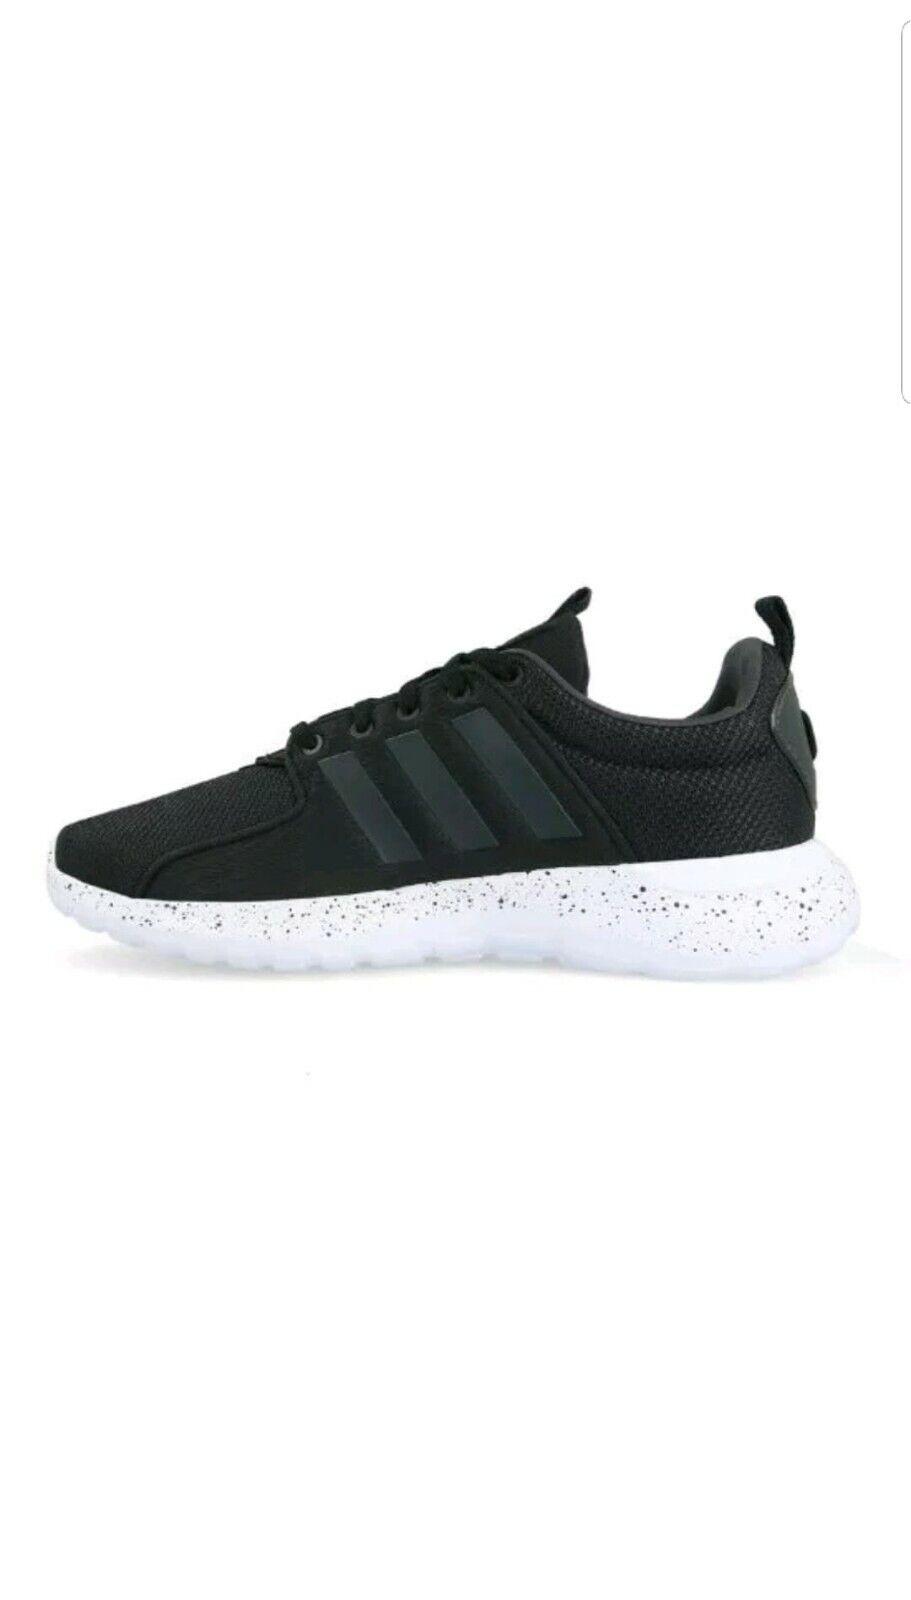 Men Adidas Cloudfoam Lite Racer Lace Up shoes Black White DB0594 Size 10.5